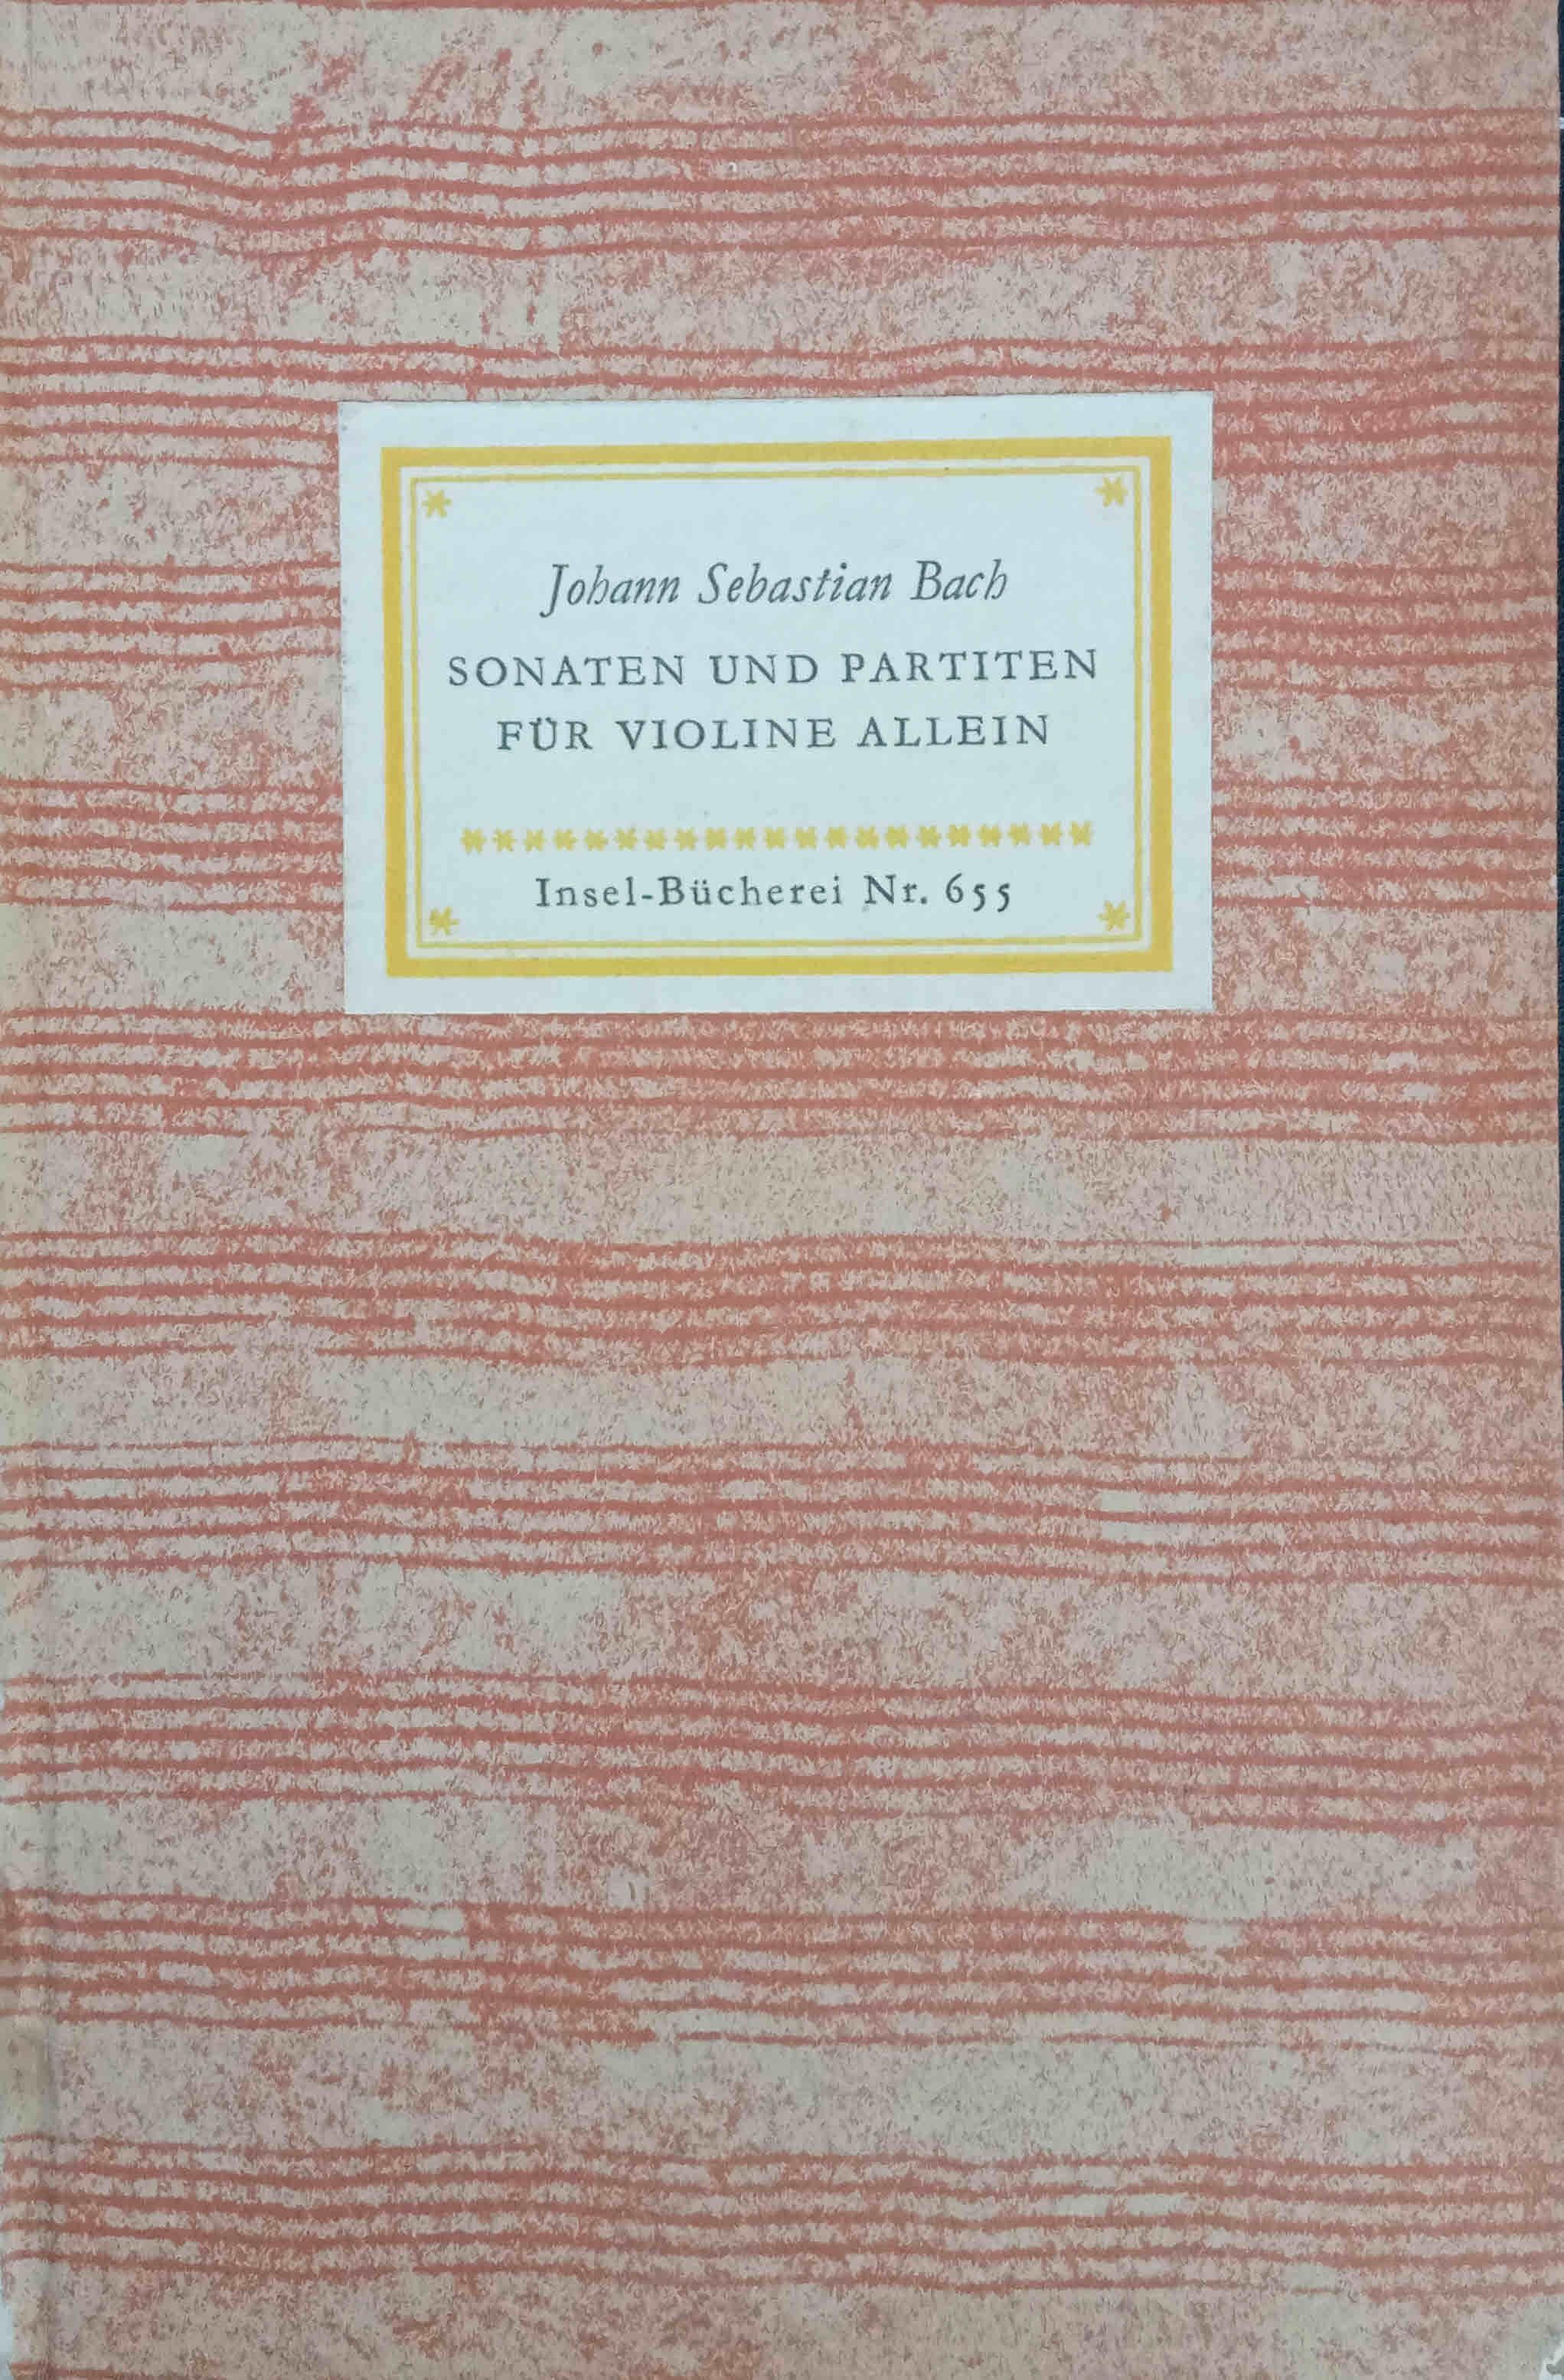 Sonaten und Partiten für Violine allein : Bach, Johann Sebastian,